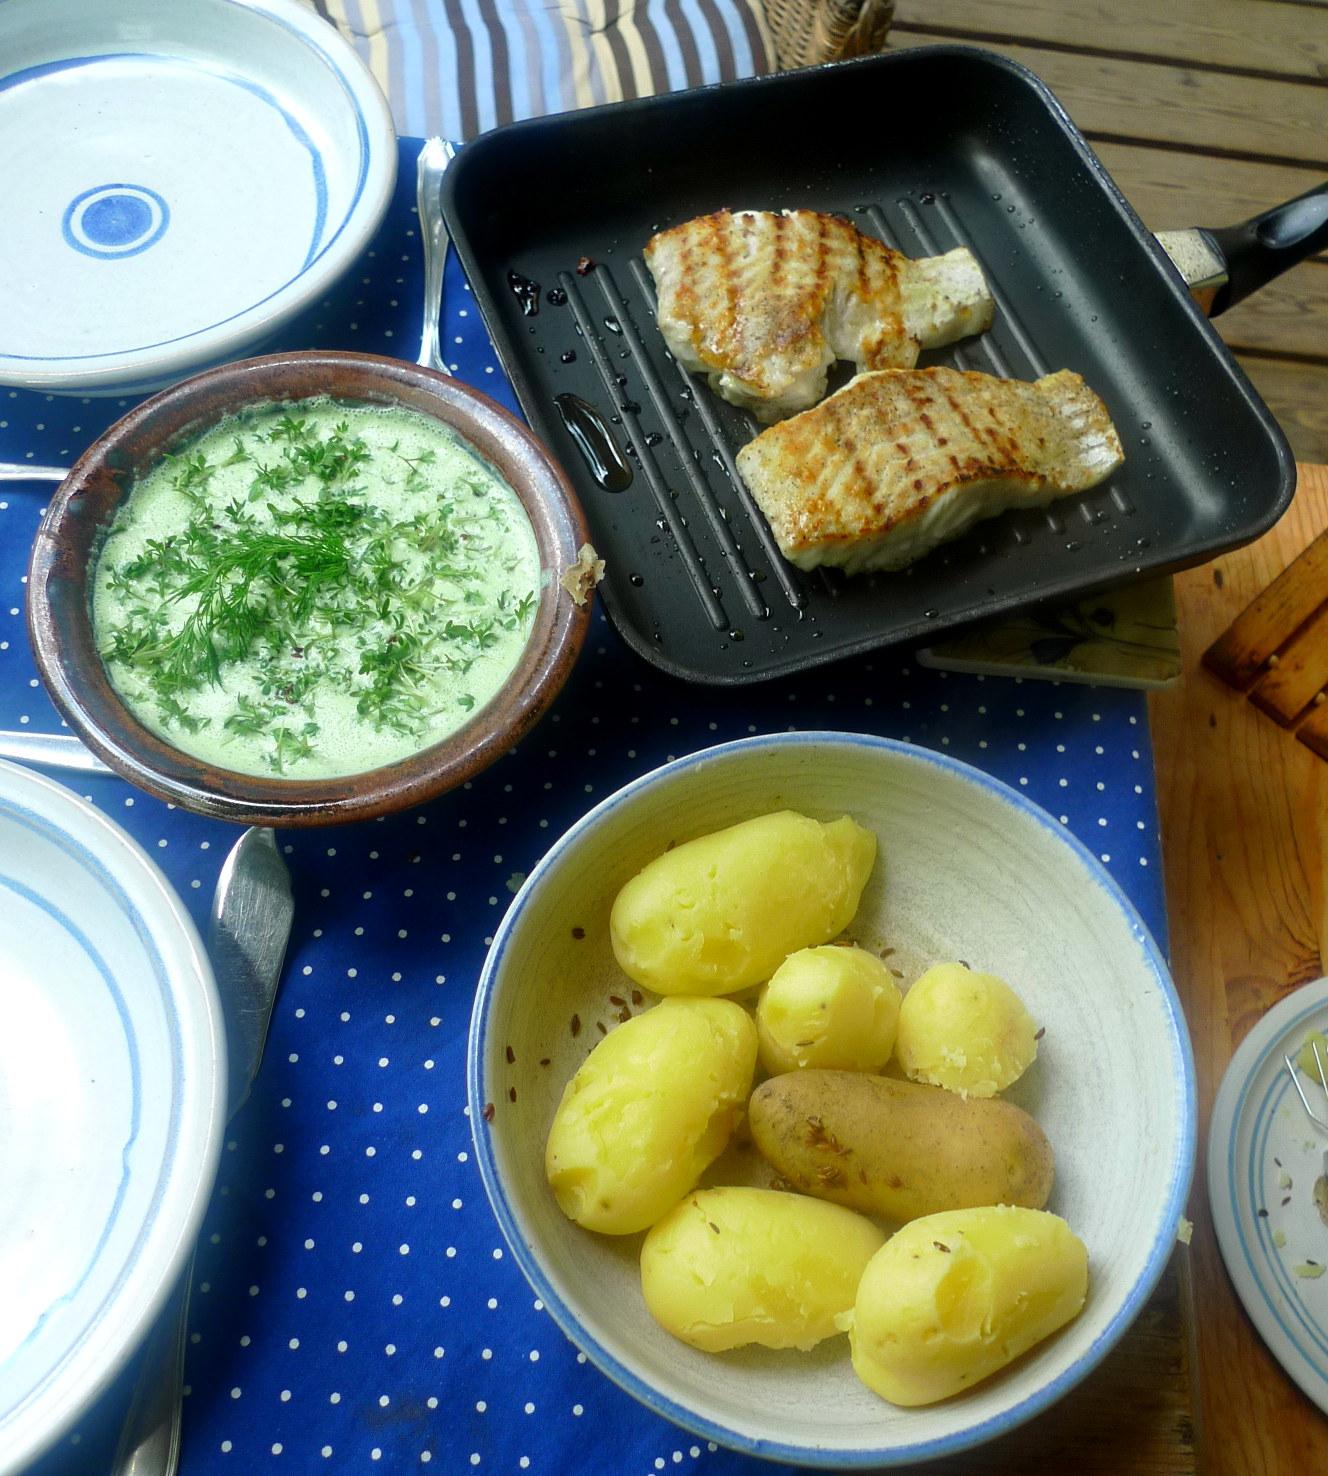 Seelachs-Bohnensalat-Joghurtdip-6.9.14   (6)